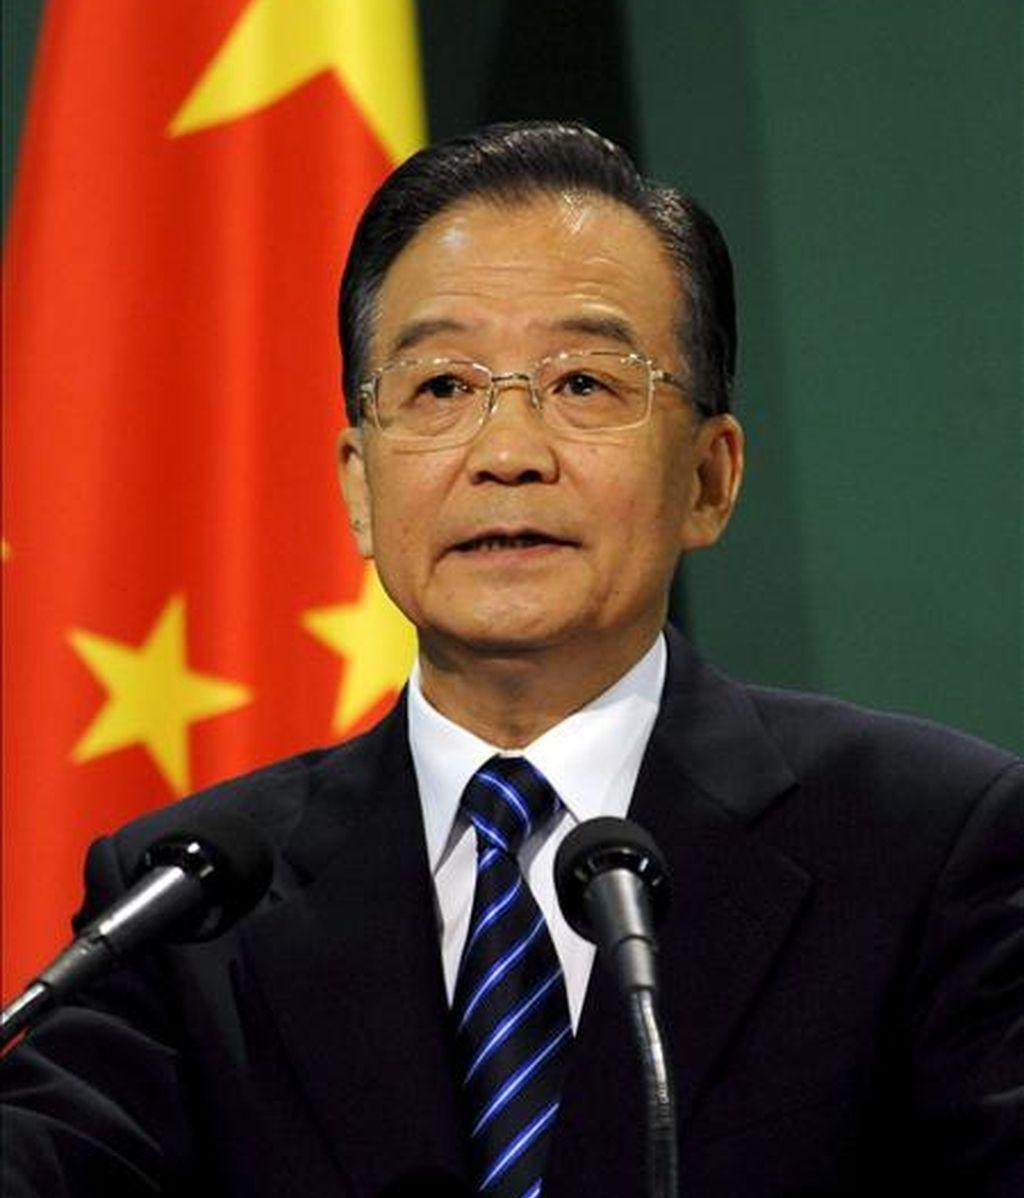 El primer ministro chino, Wen Jiabao. EFE/Archivo